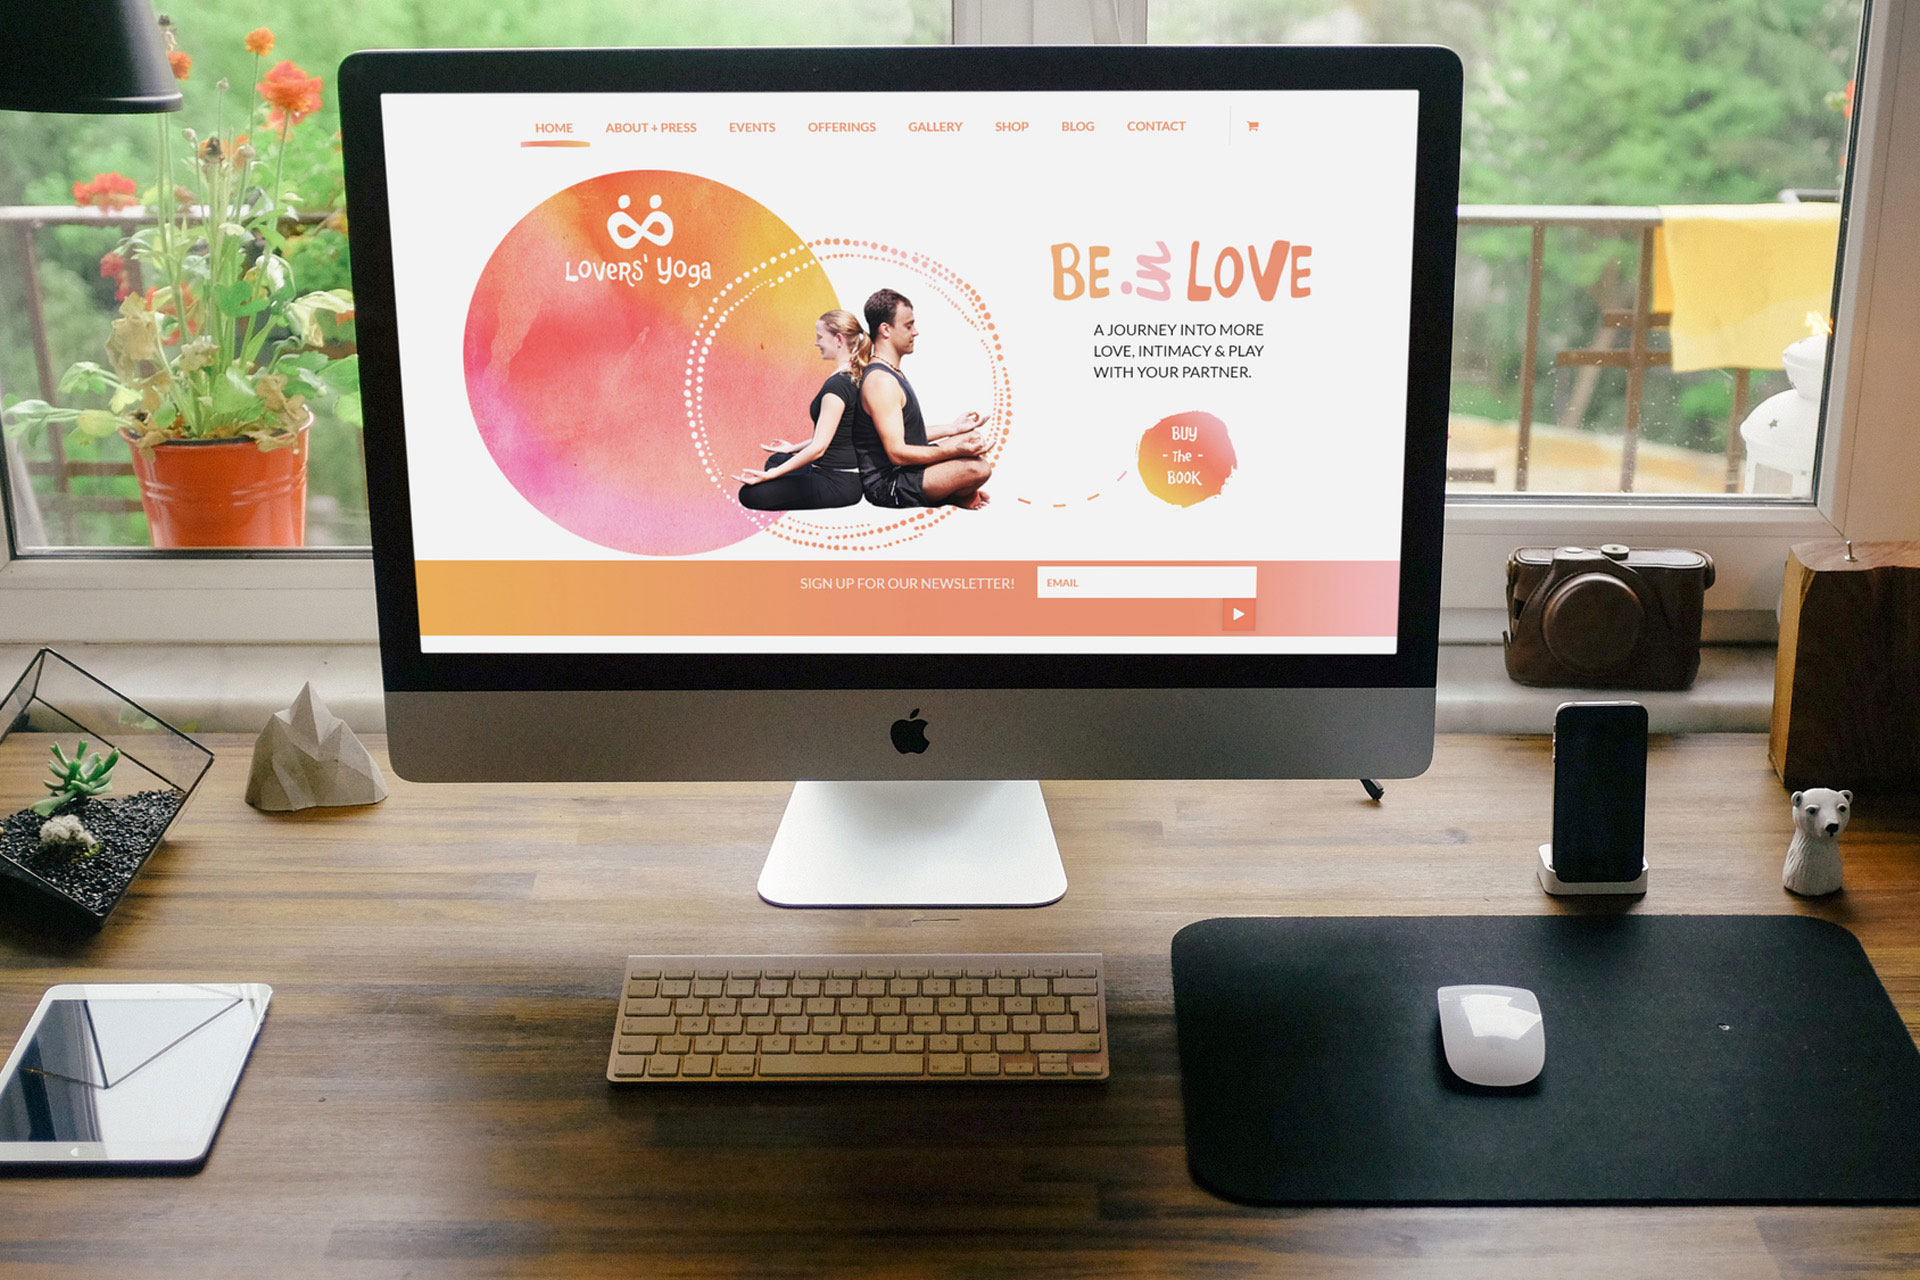 lovers-yoga - Graphic Design Portfolio